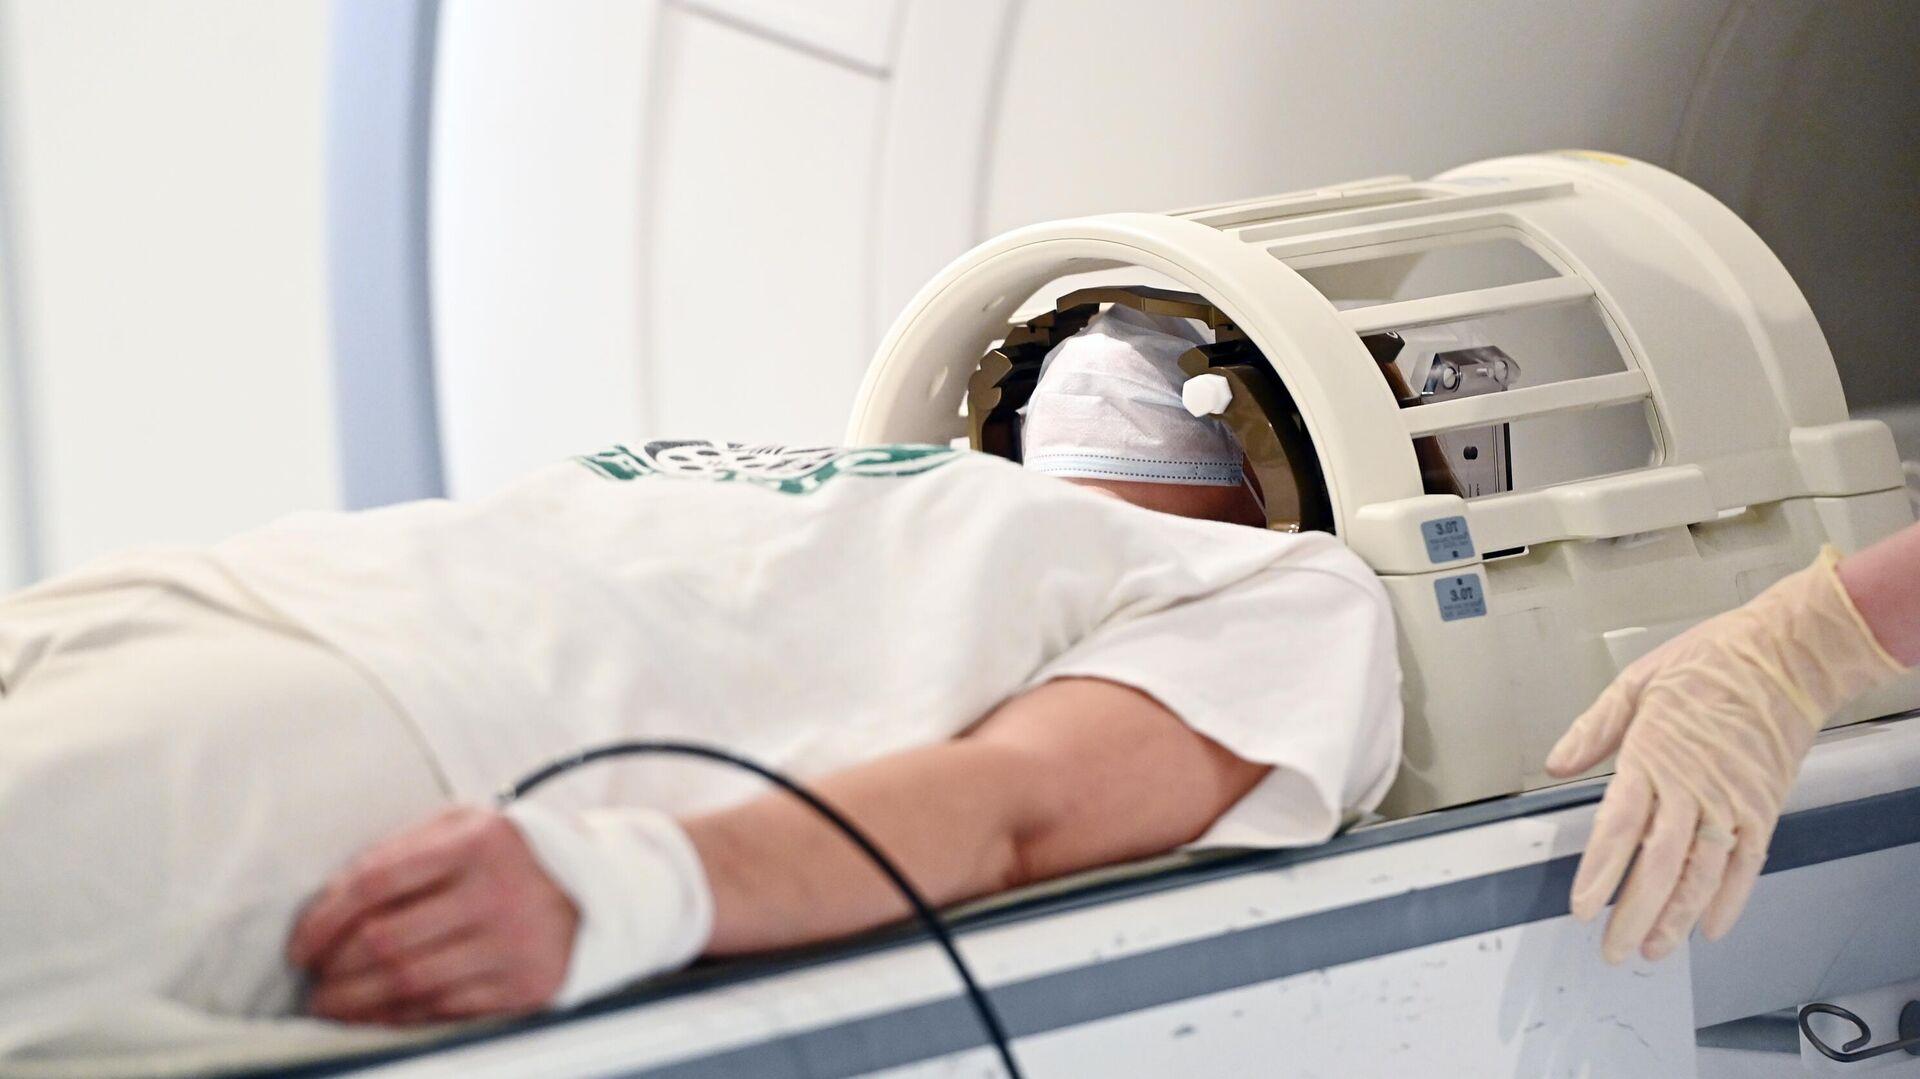 Пациент проходит обследование с помощью аппарата магнитно-резонансной томографии - РИА Новости, 1920, 23.06.2021